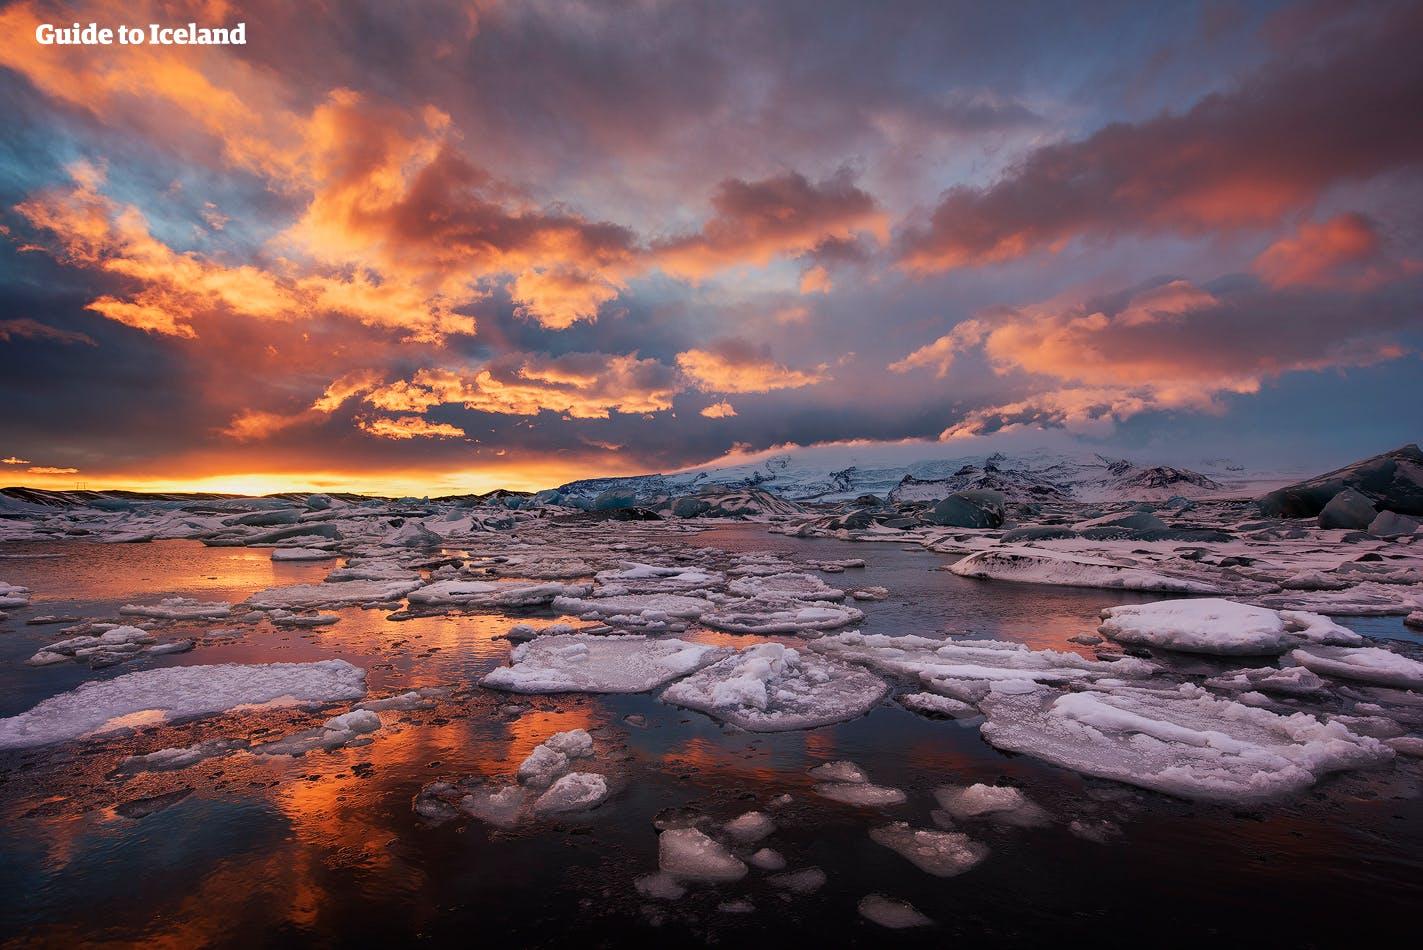 白夜のもとで幻想的な風景を見せるヨークルサロン氷河湖